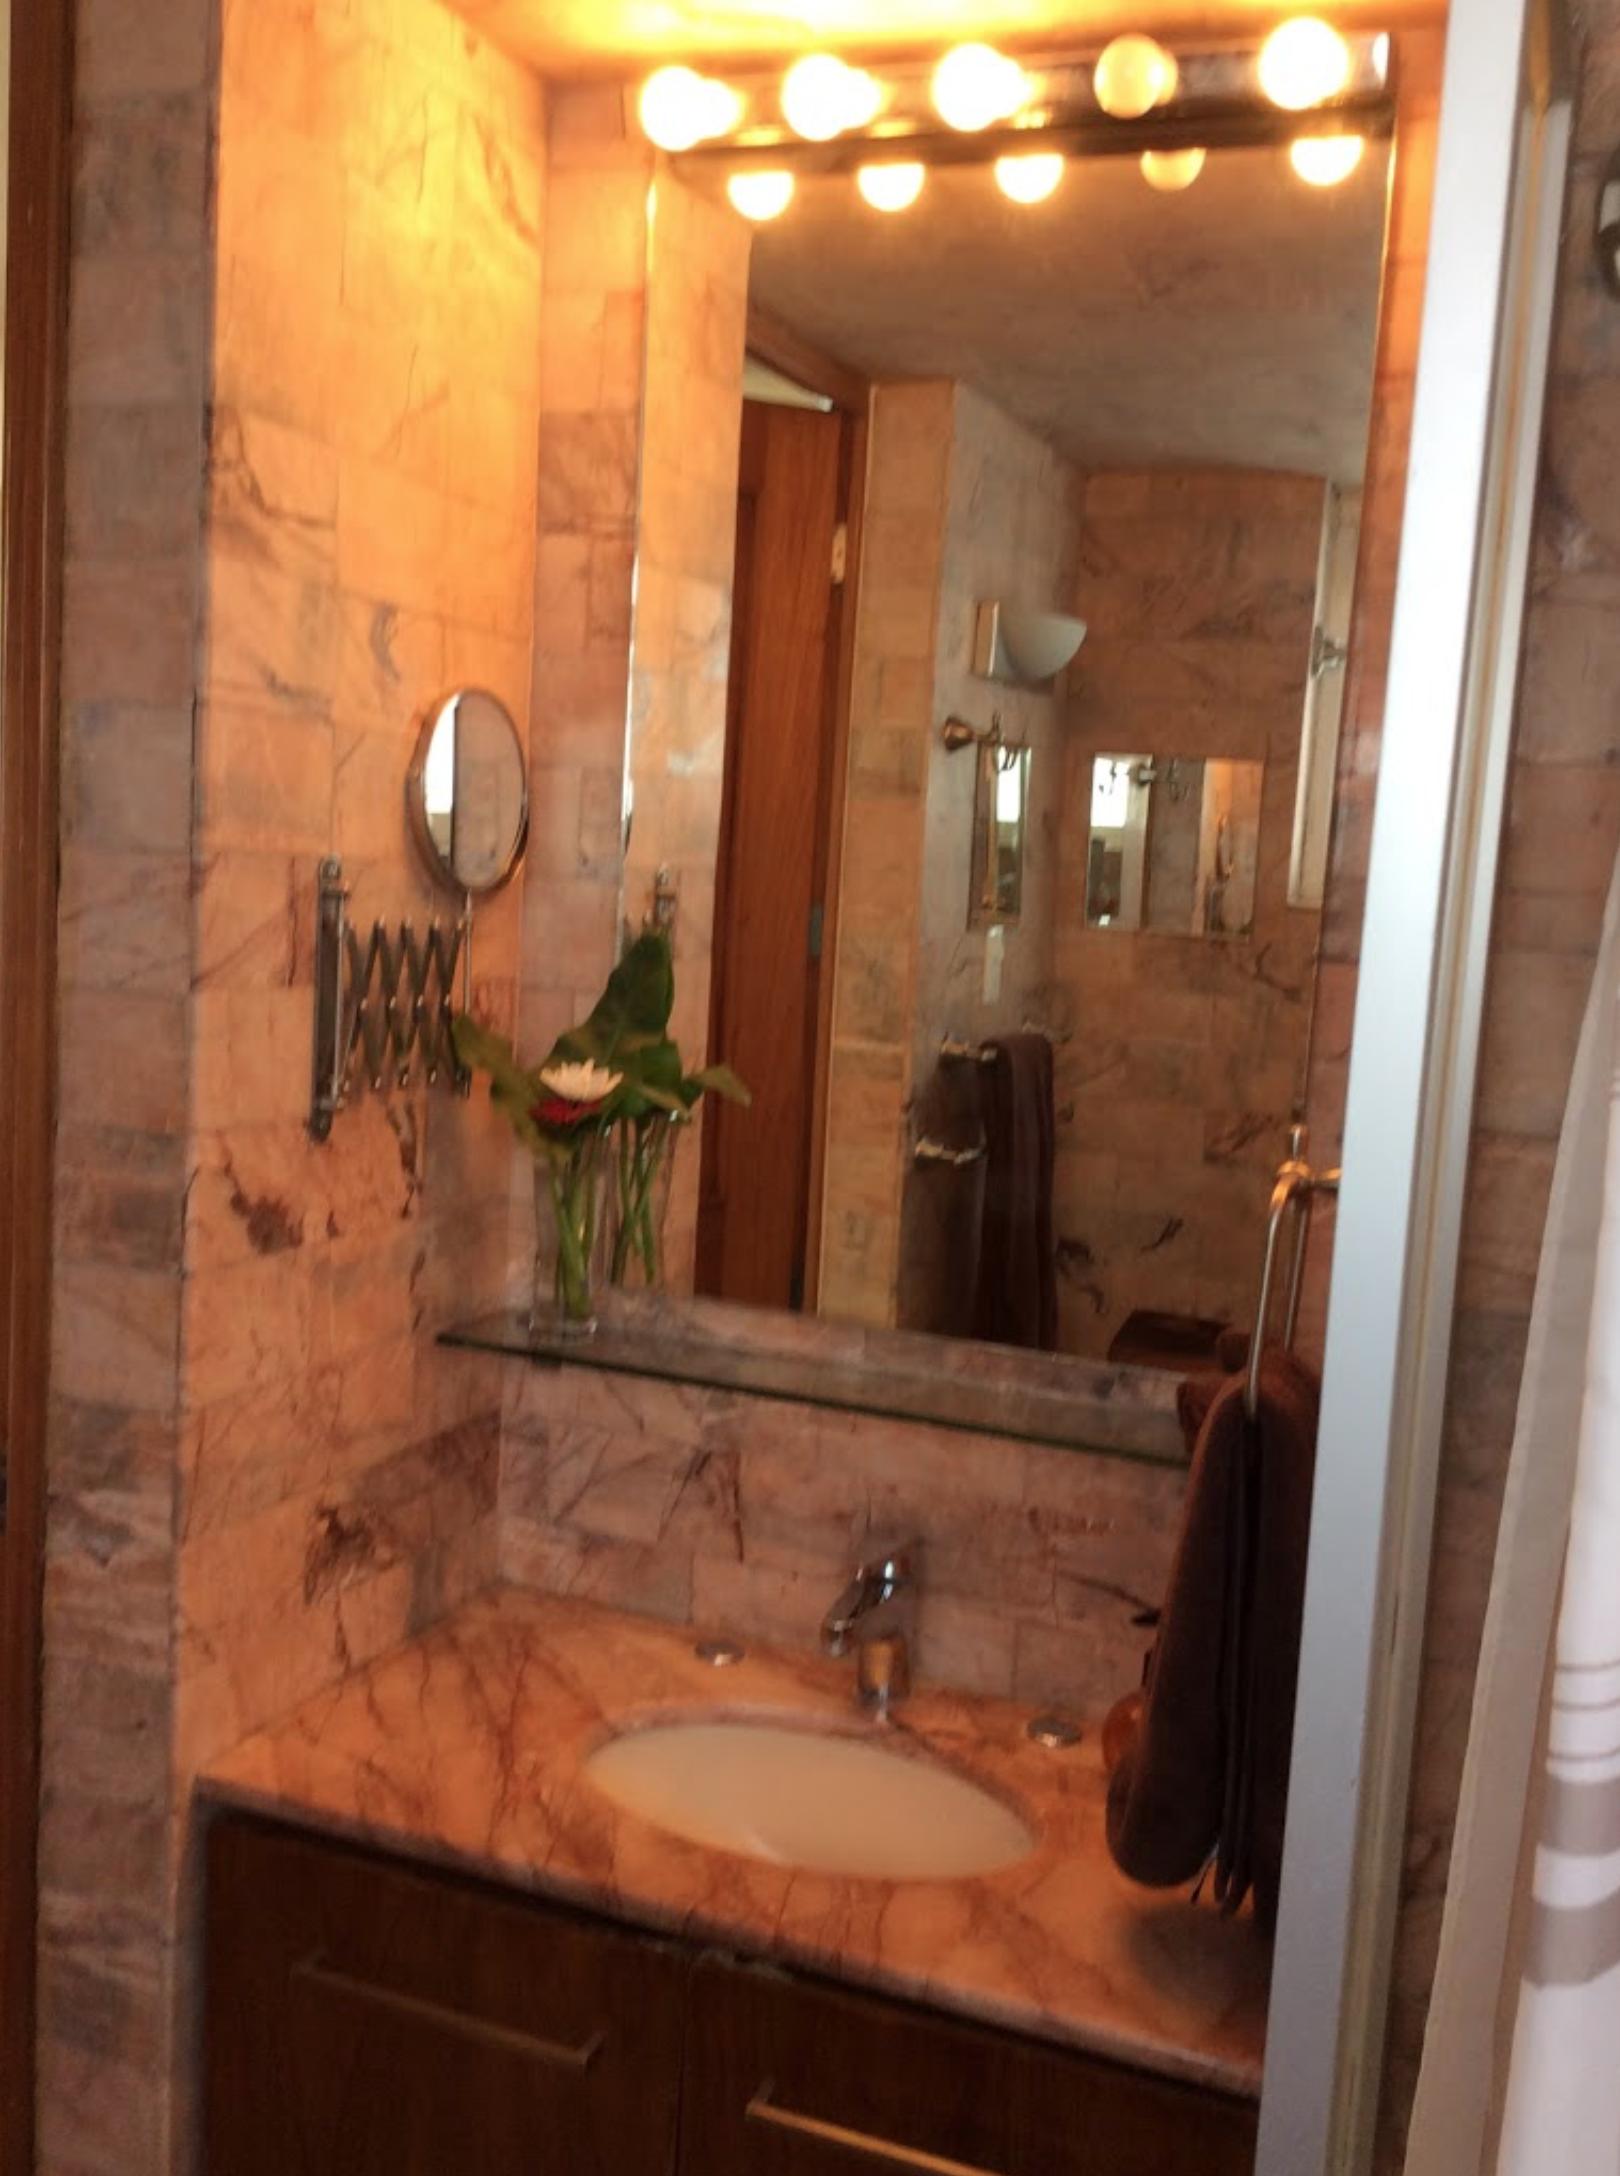 Casa Roa Bathroom.png